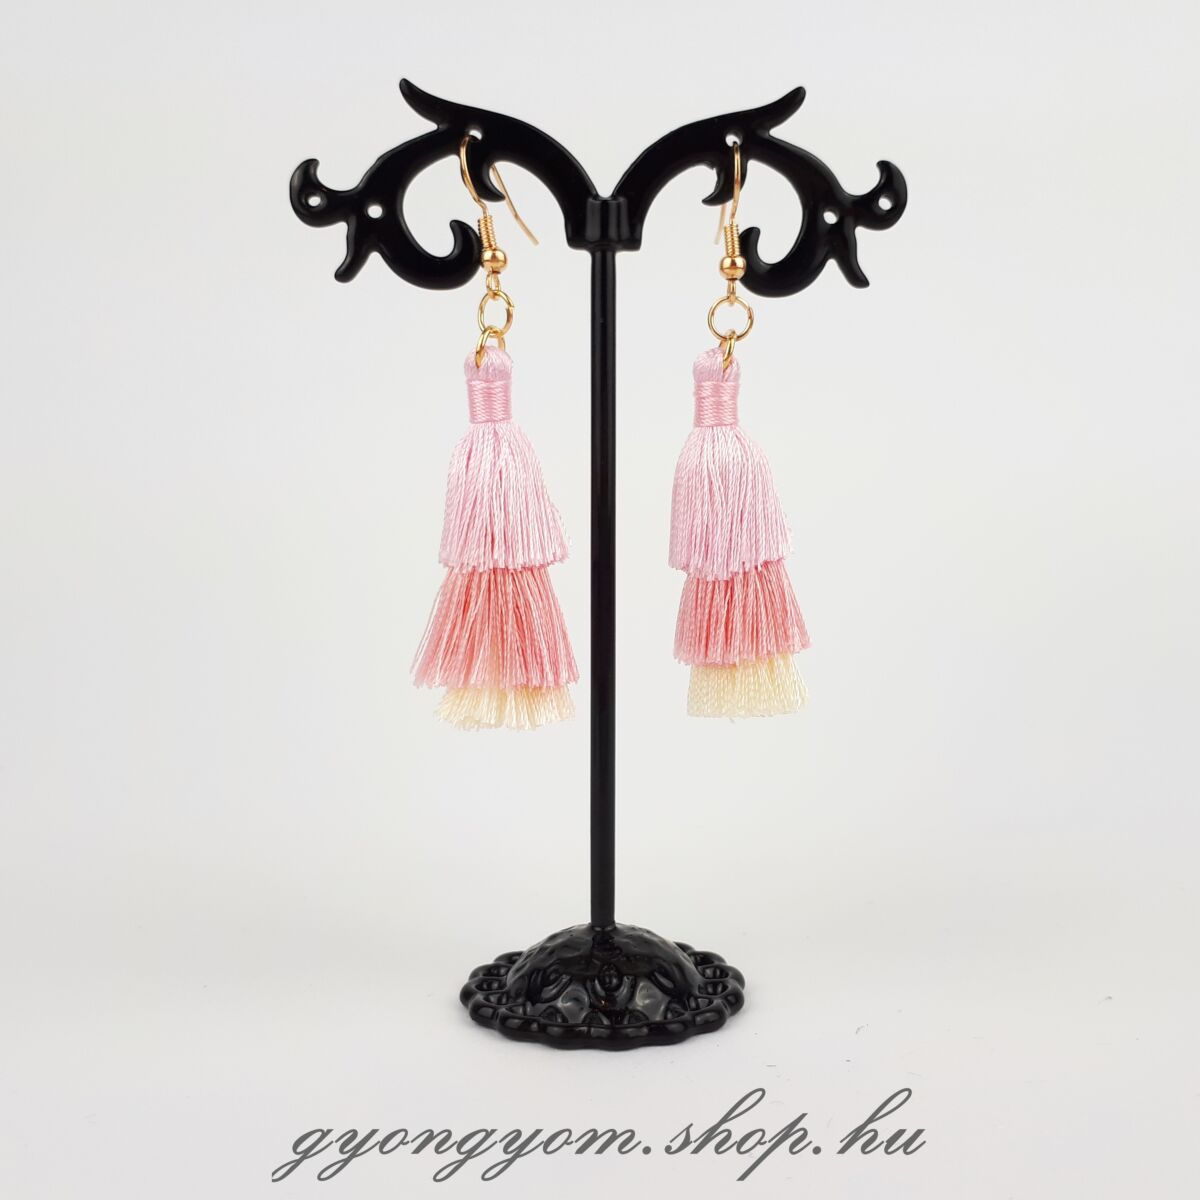 Vilma rózsaszín bojtos fülbevaló